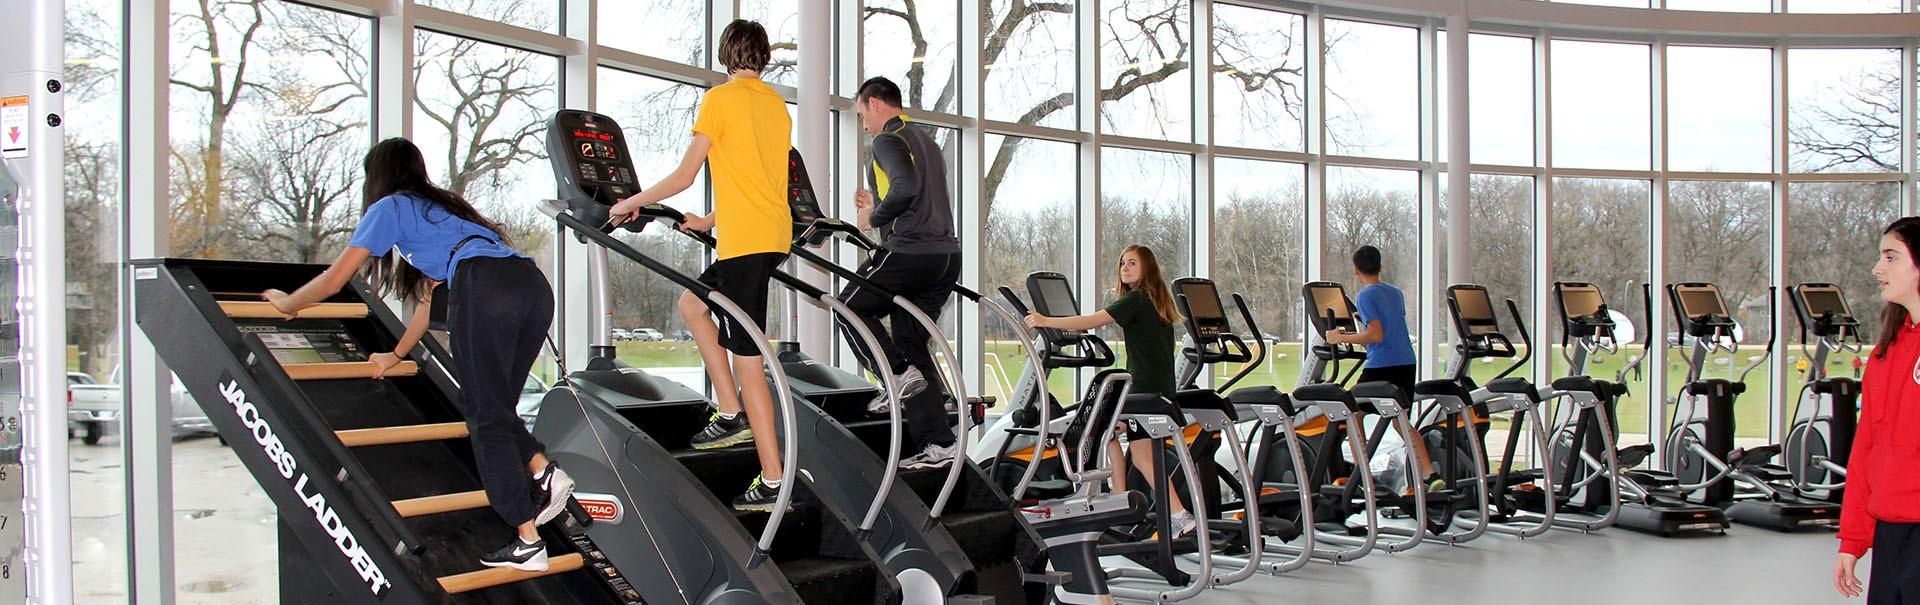 Educatius-StJohnsRavenscourt-Canada-FitnessCenter-Banner-2019